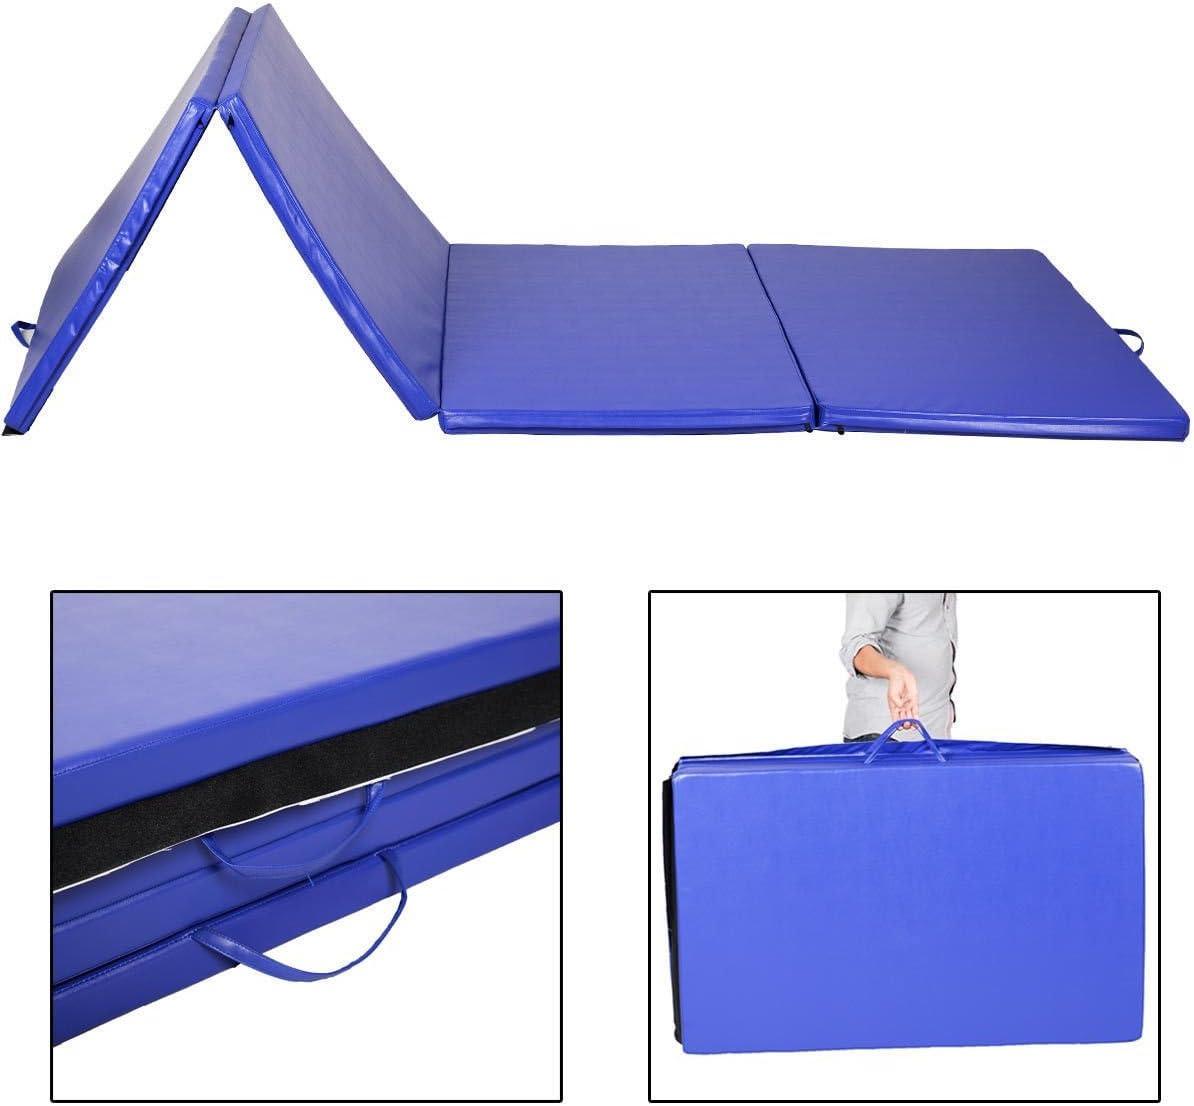 ヨガマット折りたたみ体操ジムExercise Stretchingブルー(4 ' x10 ' x2